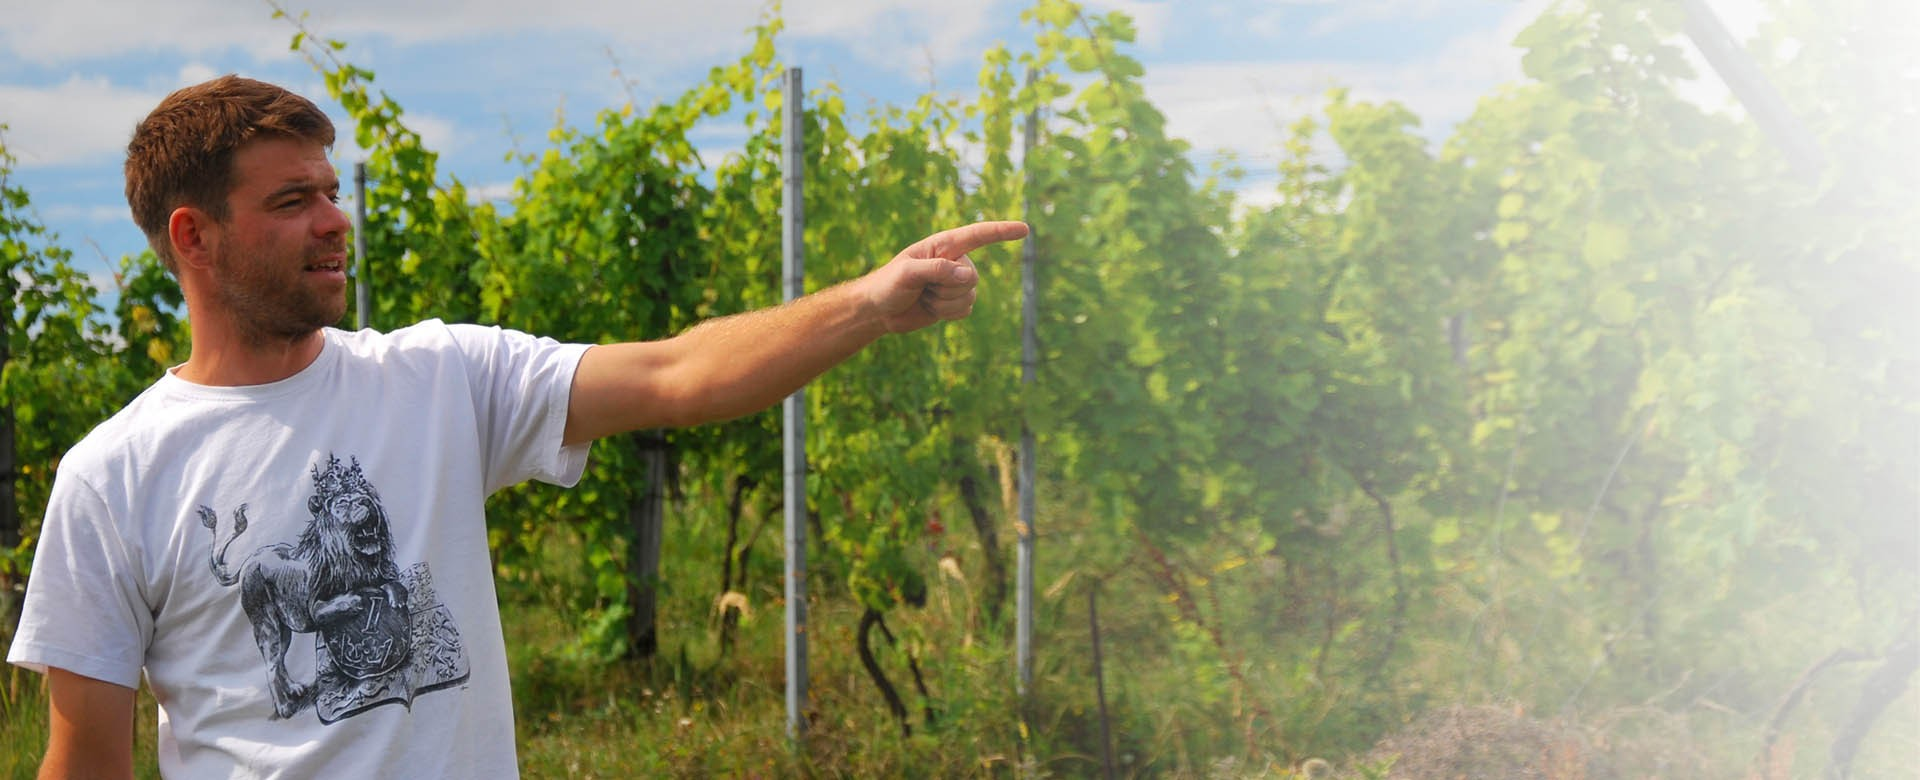 Vičické vinařství Mikulášek - rozhovor s bratry Mikuláškovými